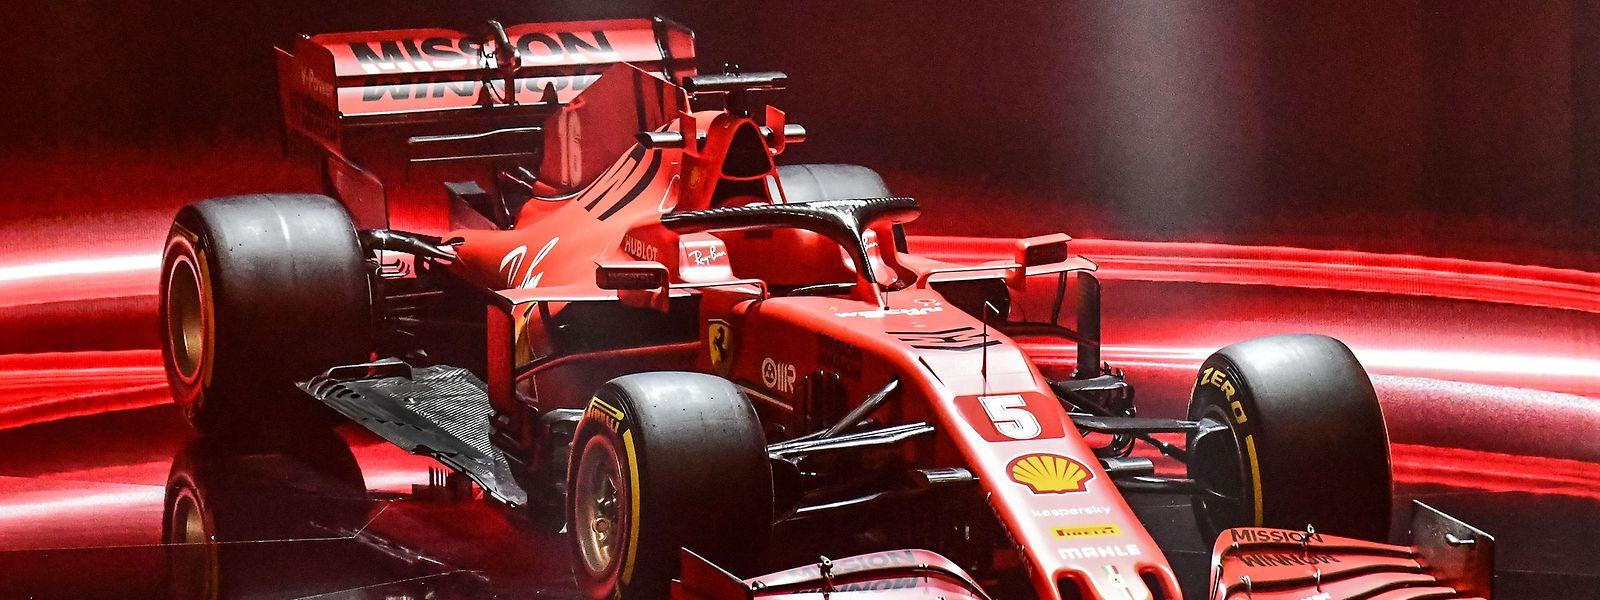 «Je l'aime beaucoup. Elle est beaucoup plus étroite à l'arrière que l'an dernier et elle est aussi plus rouge, c'est encore mieux», a déclaré Sebastian Vettel